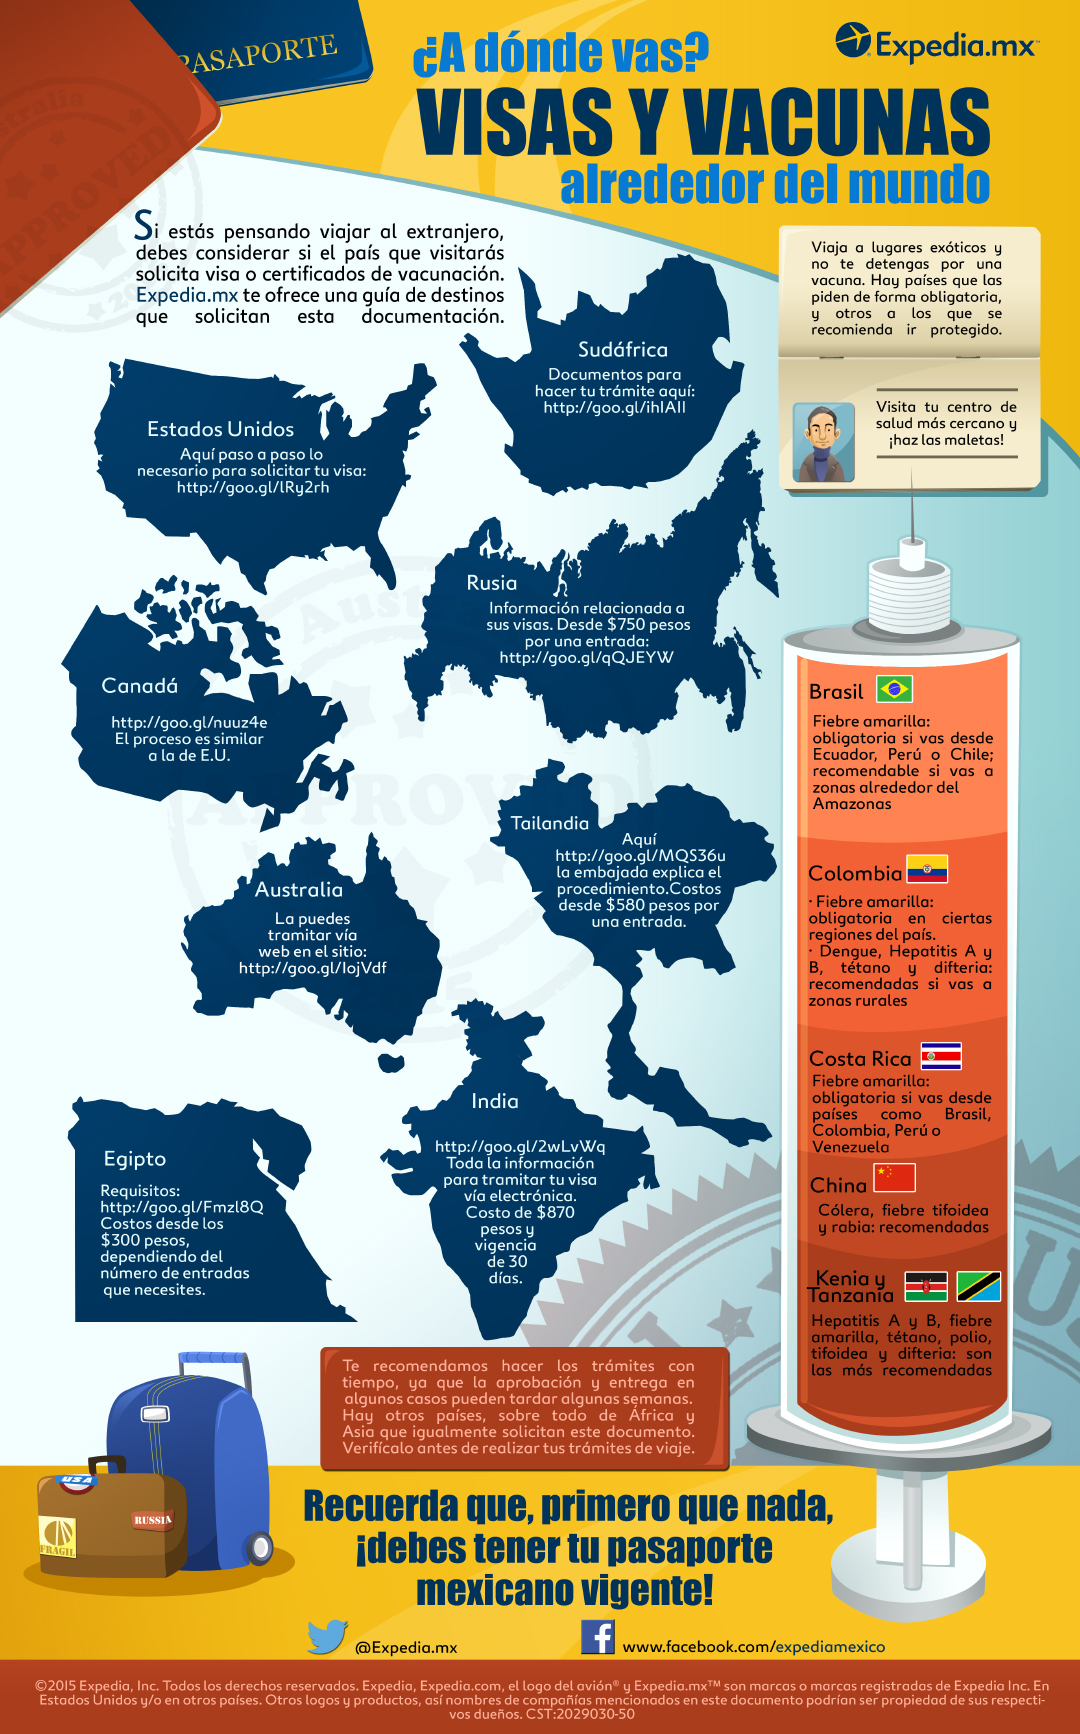 Visas y vacunas